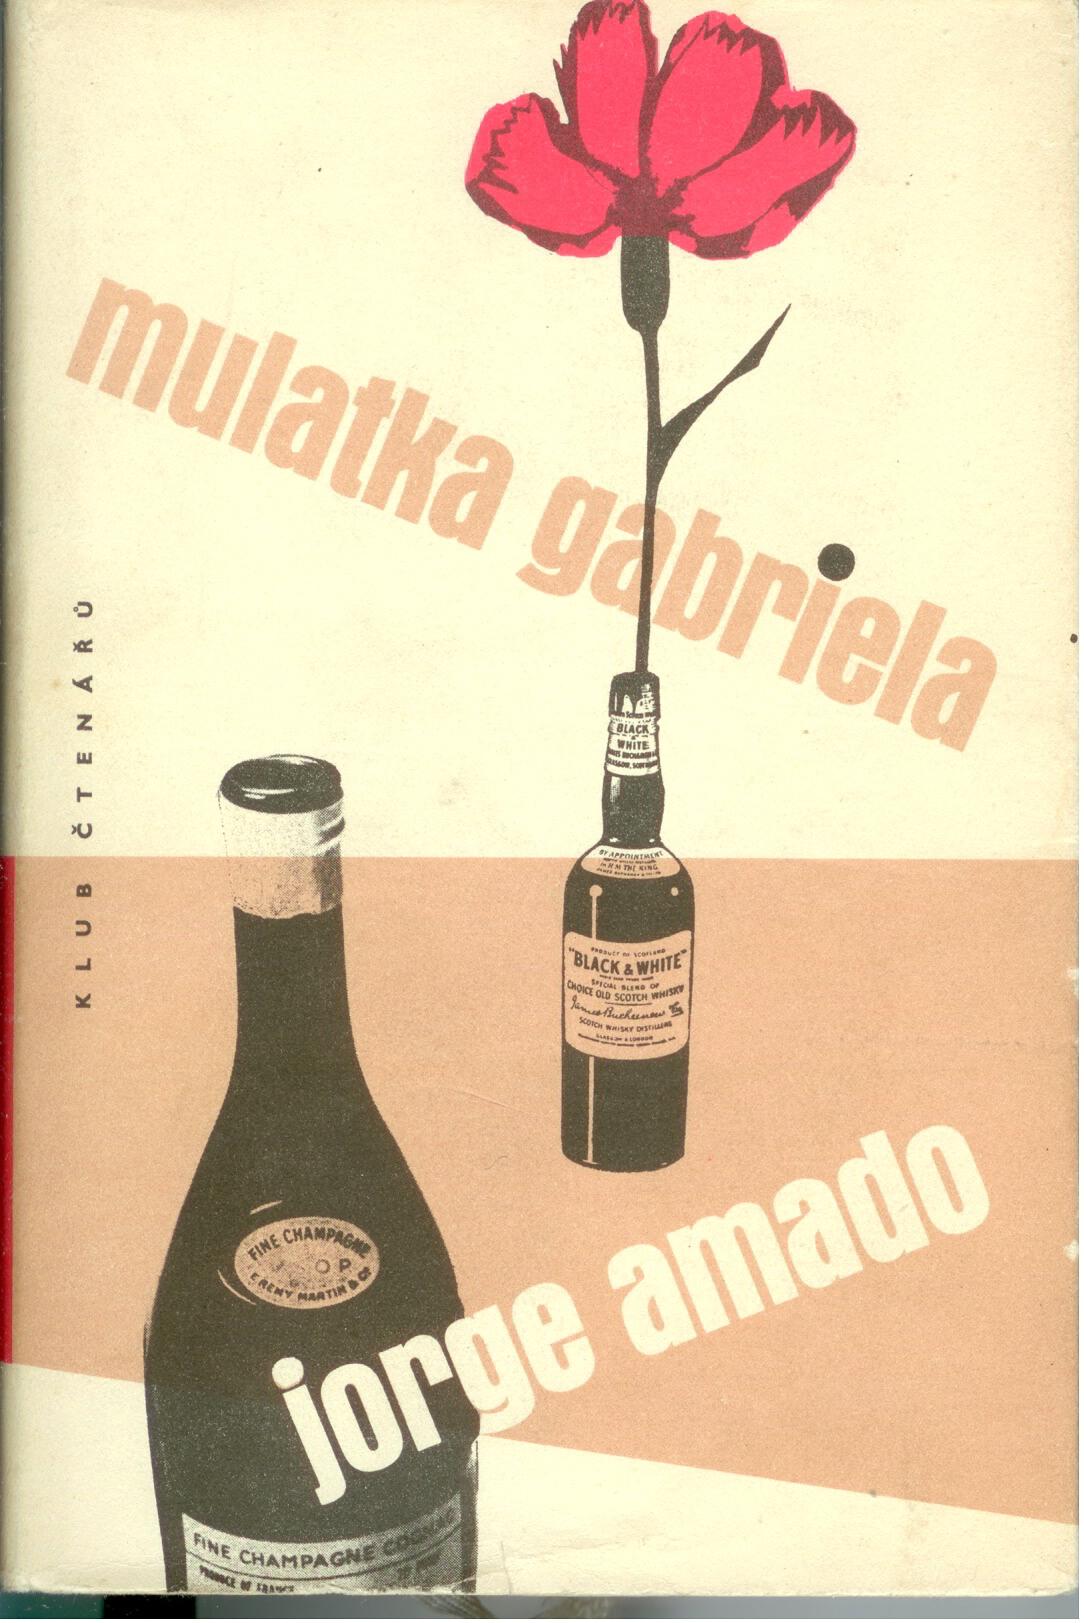 Mulatka Gabriela (Kronika provinčního města) - Jorge Amado